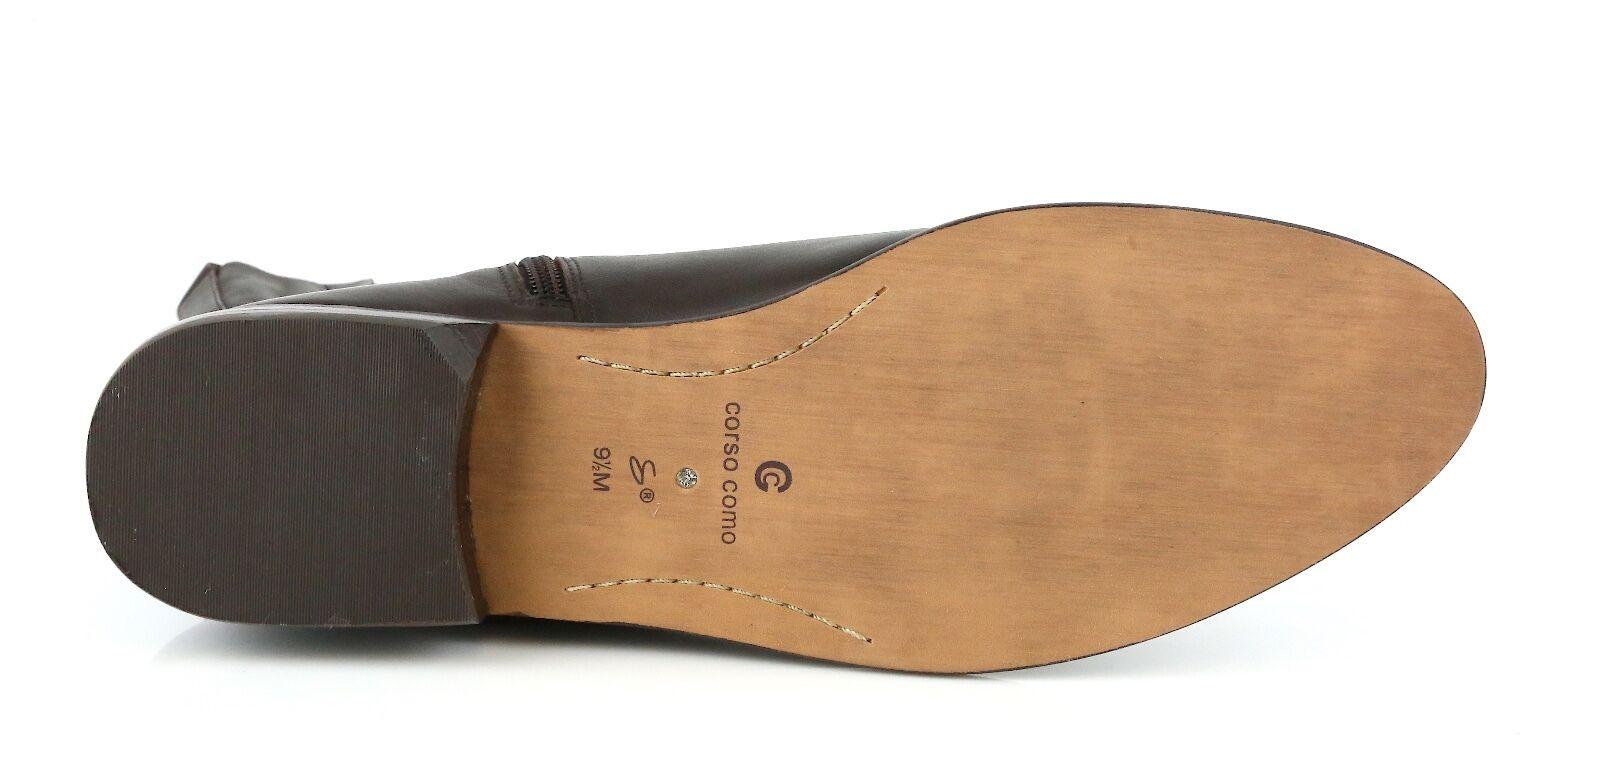 Corso Como Shepparton Woman's Coffee Braun Leder Stiefel 8451 8451 8451 Größe 9.5 M NEW 16b30d